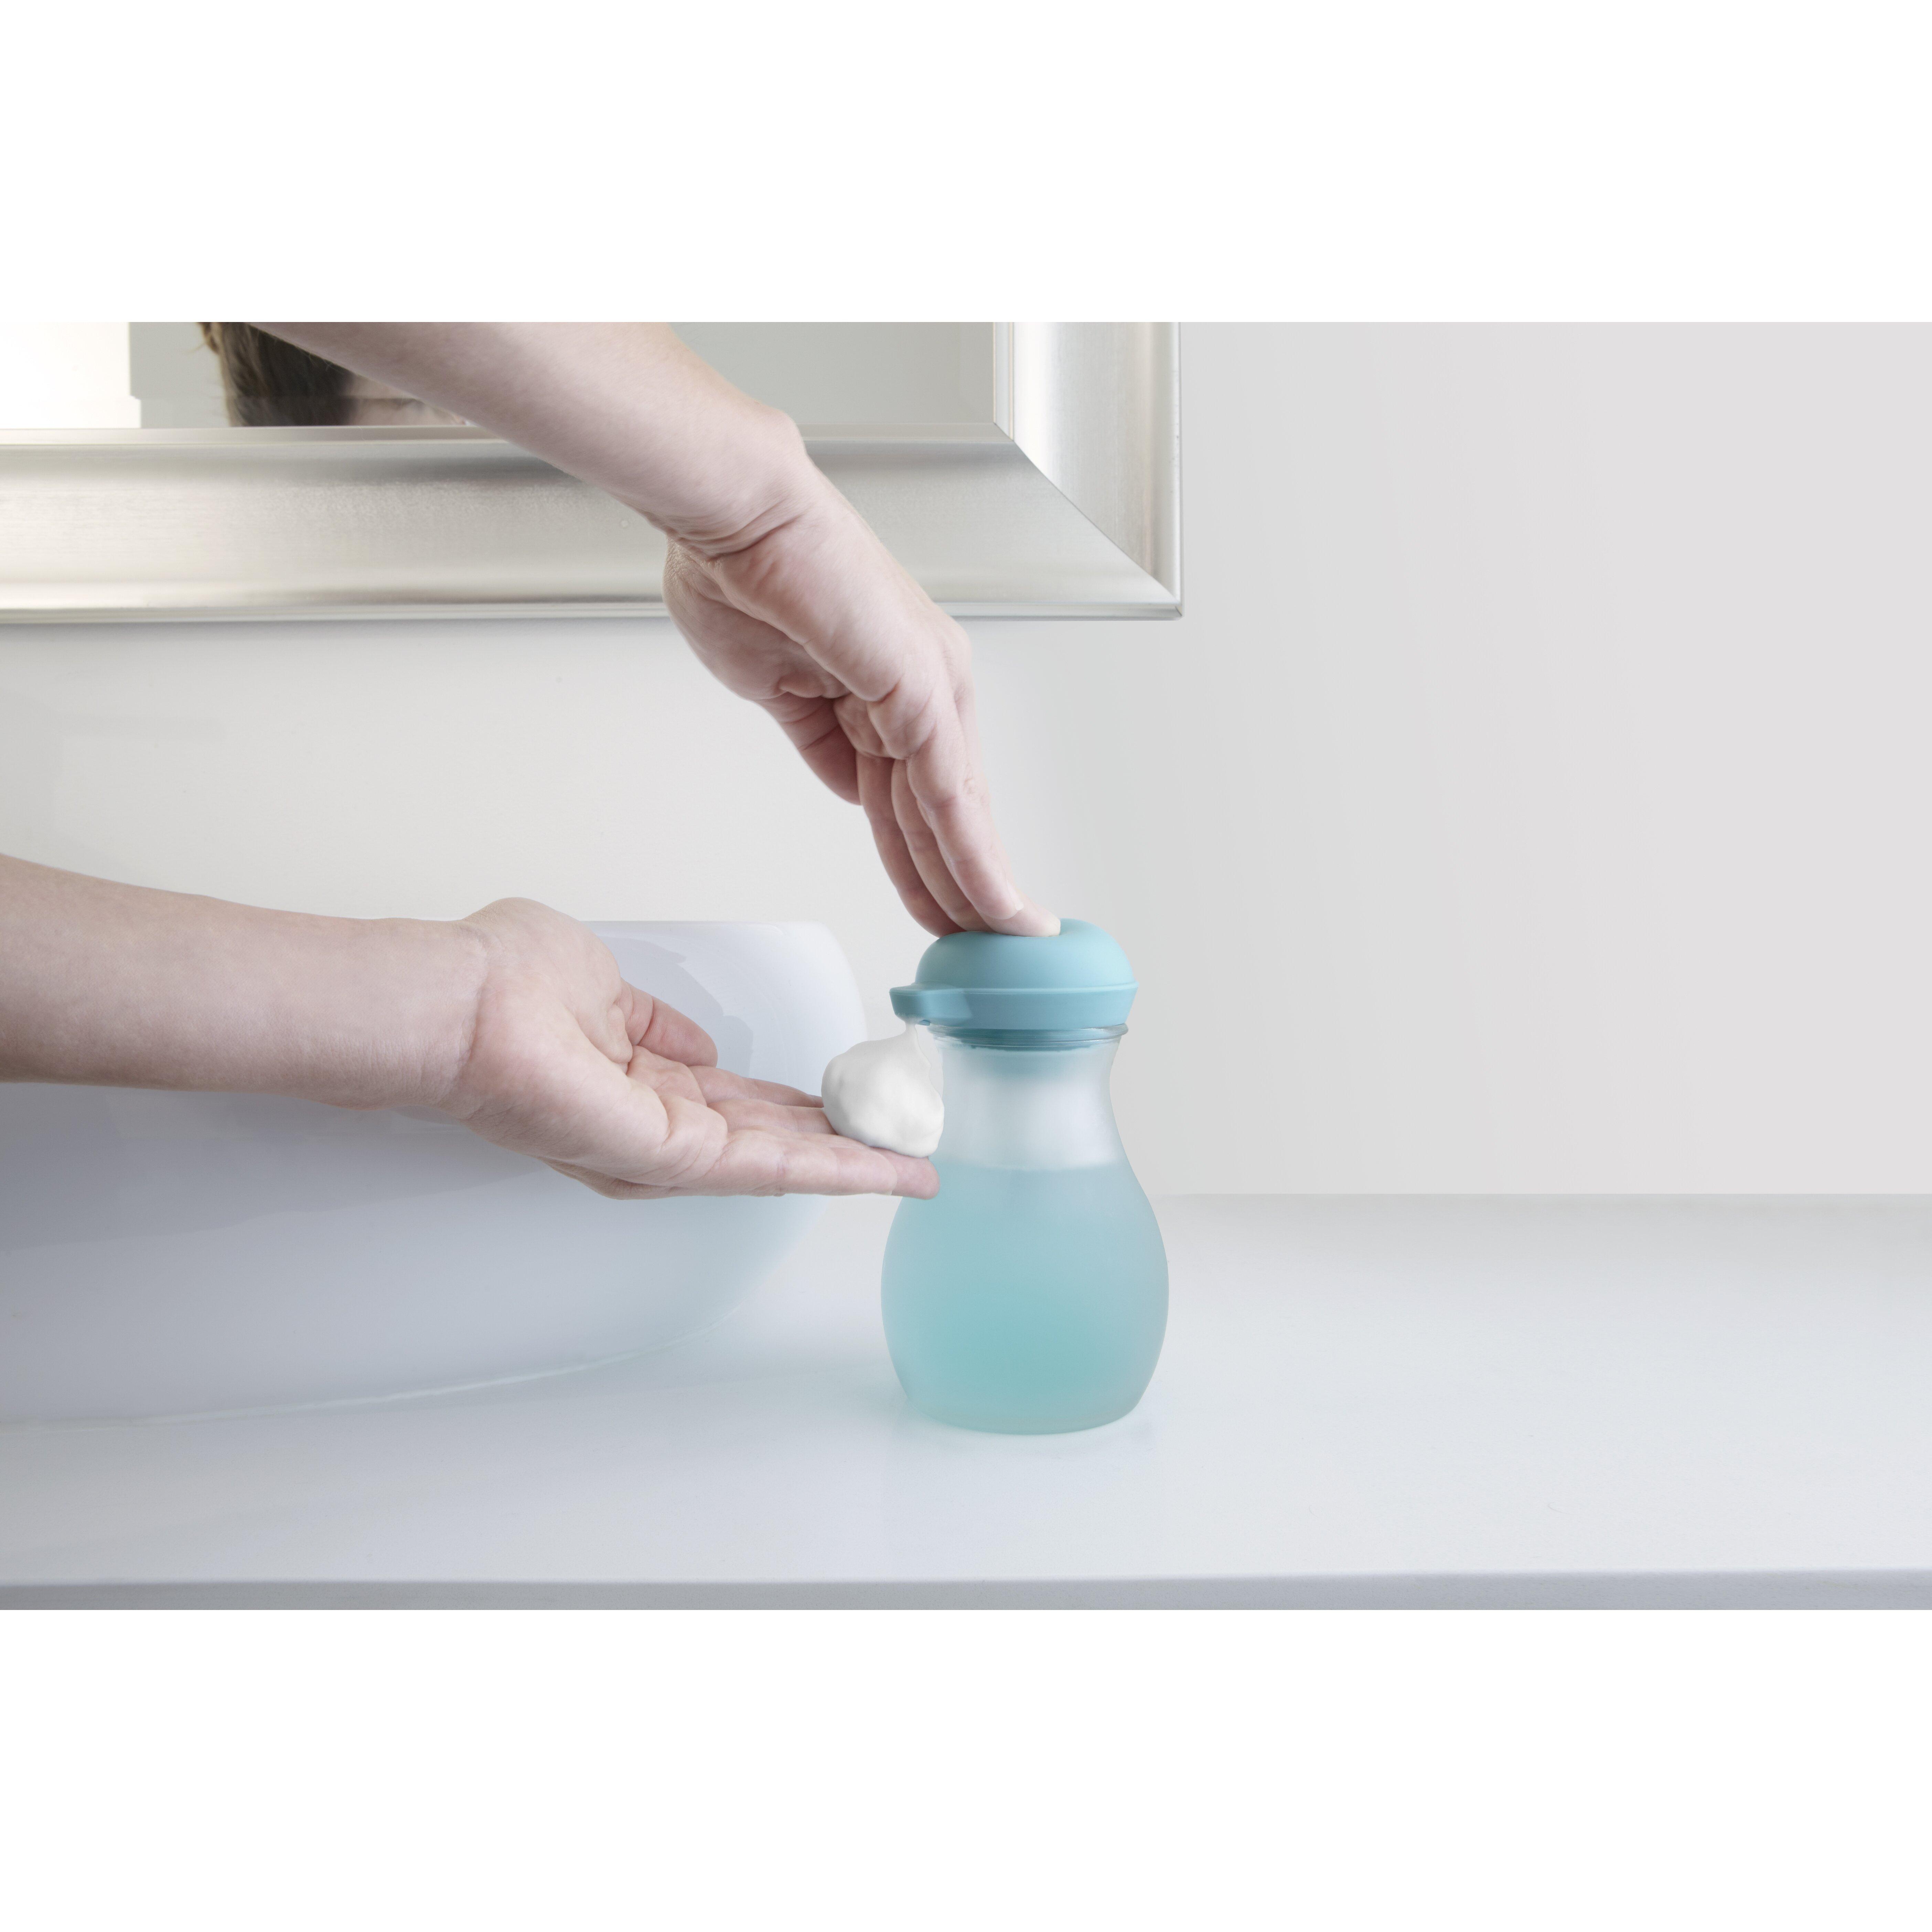 Umbra bubble foaming soap dispenser reviews wayfair - Umbra soap dispenser ...